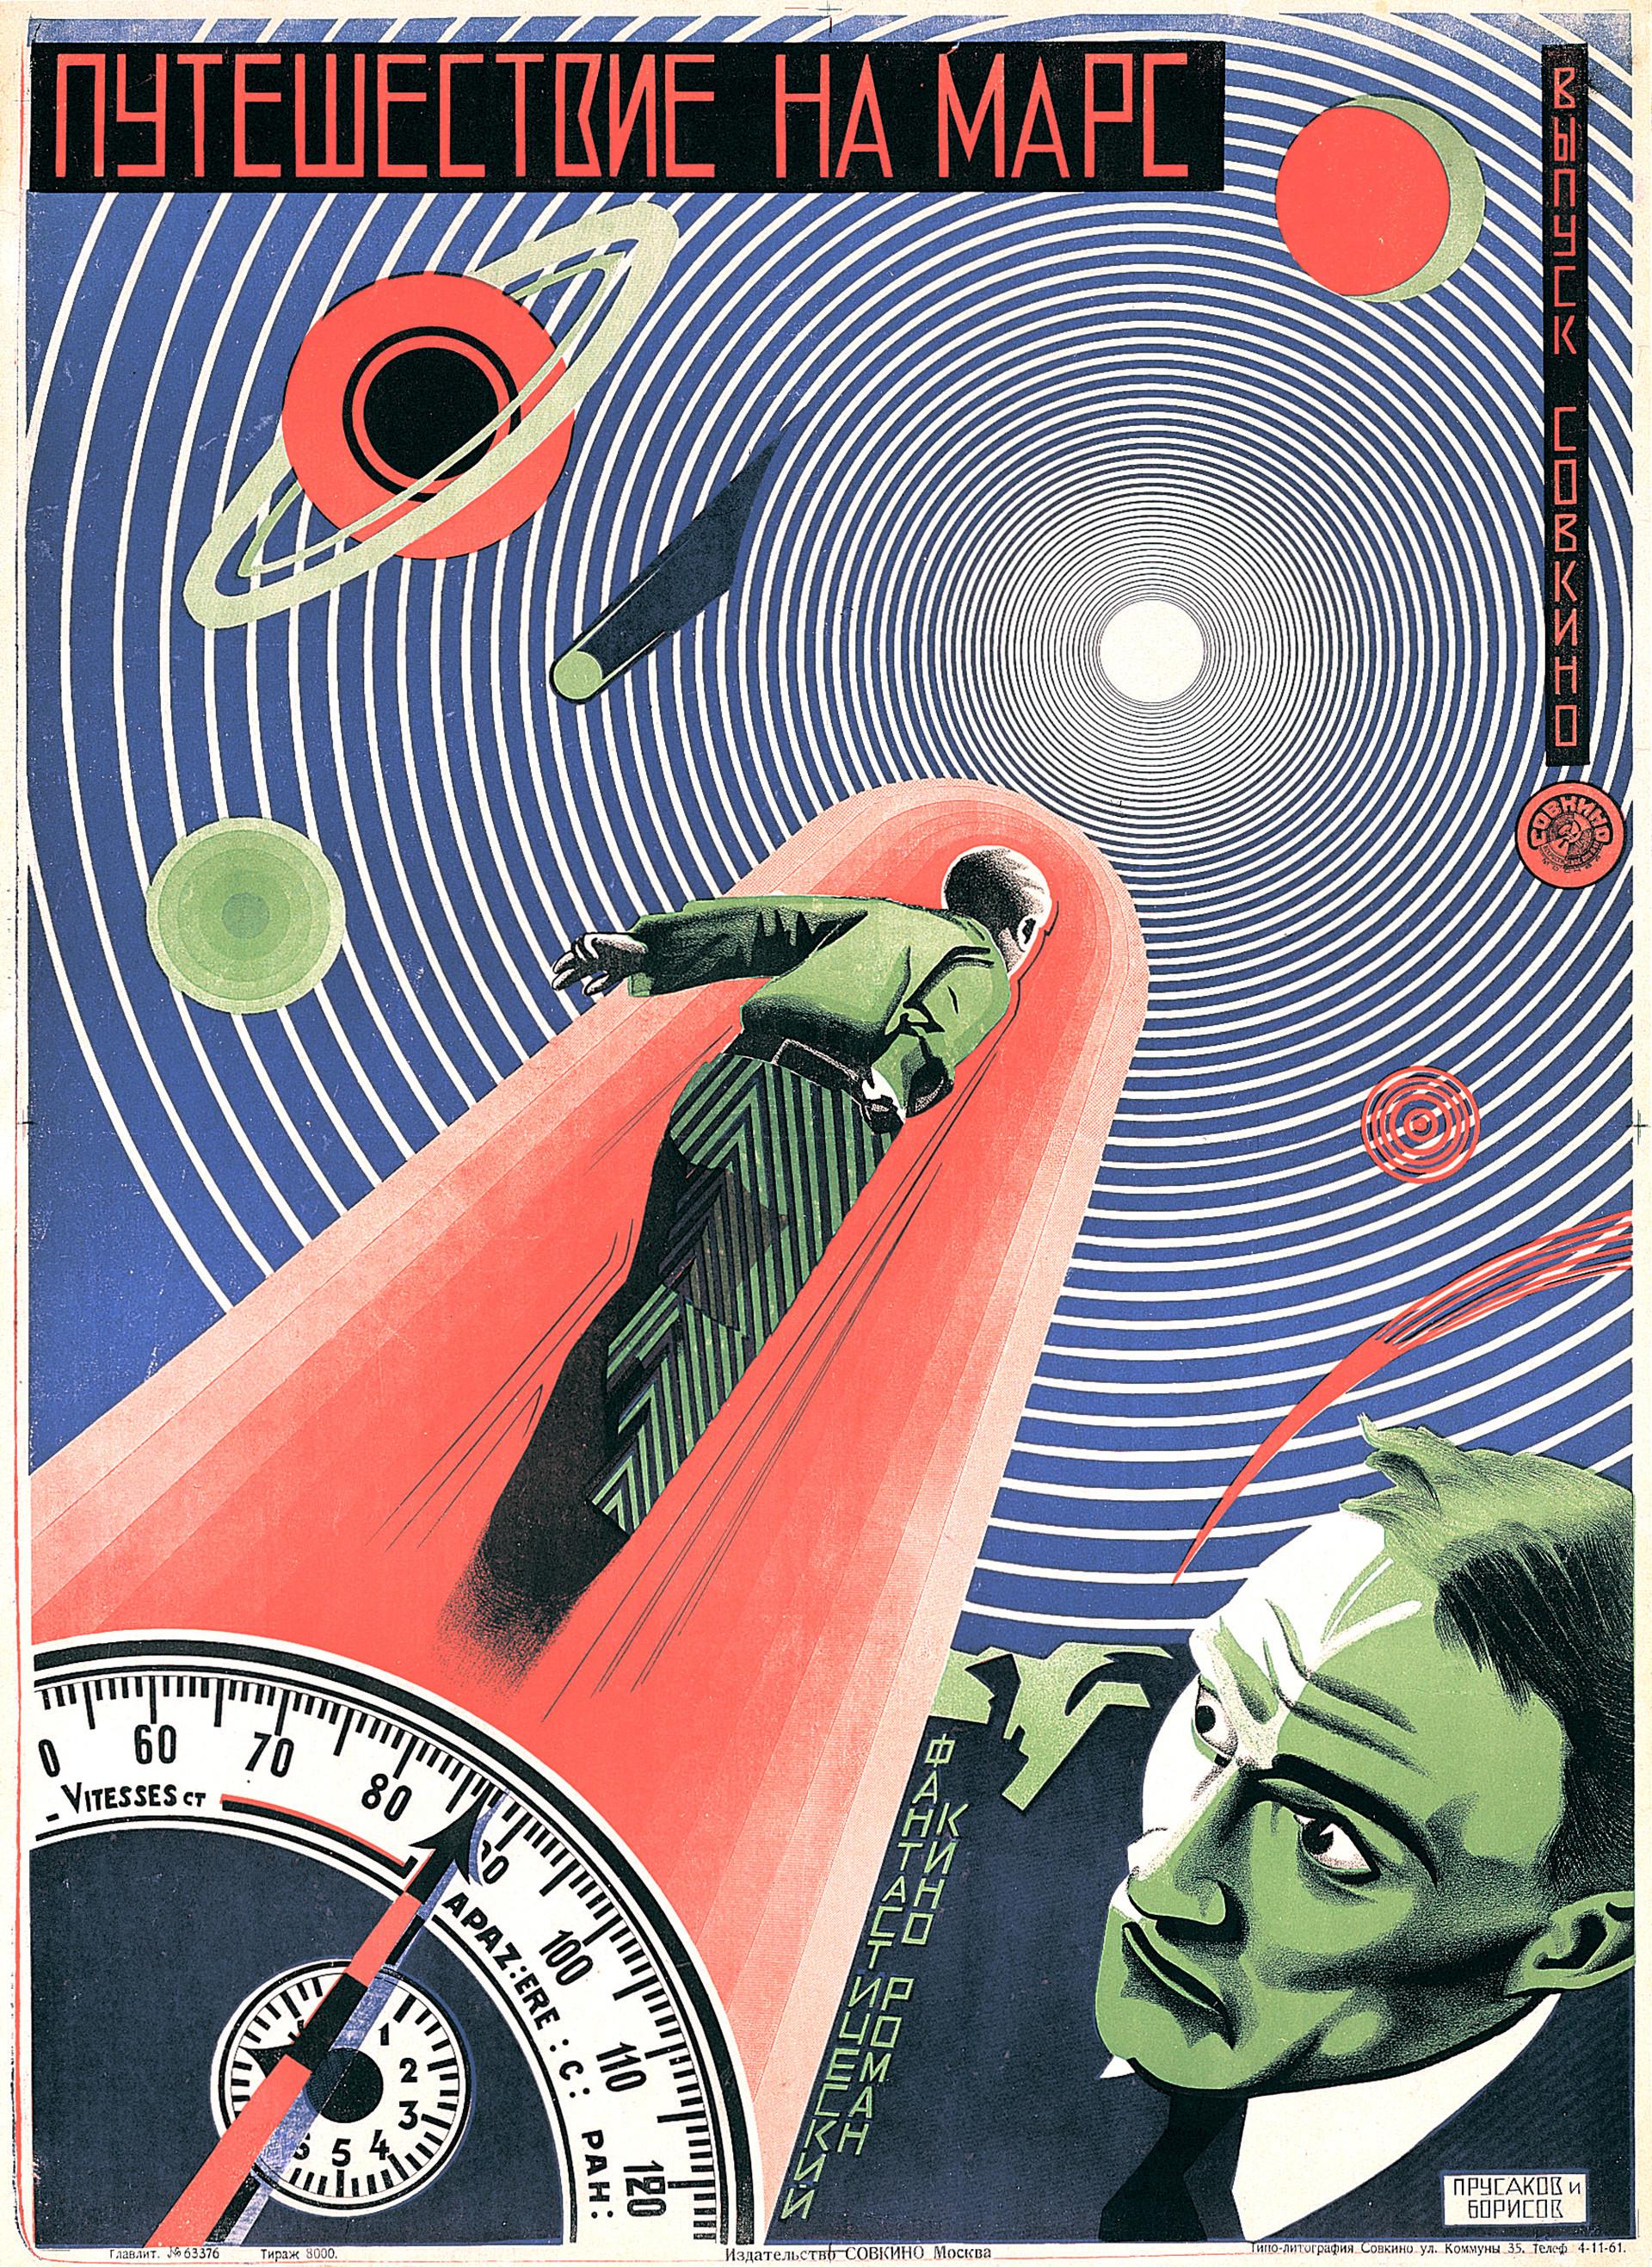 ニコライ・プルサコフ、グリゴリー・ボリソフ、映画『火星旅行』(1926)のポスター